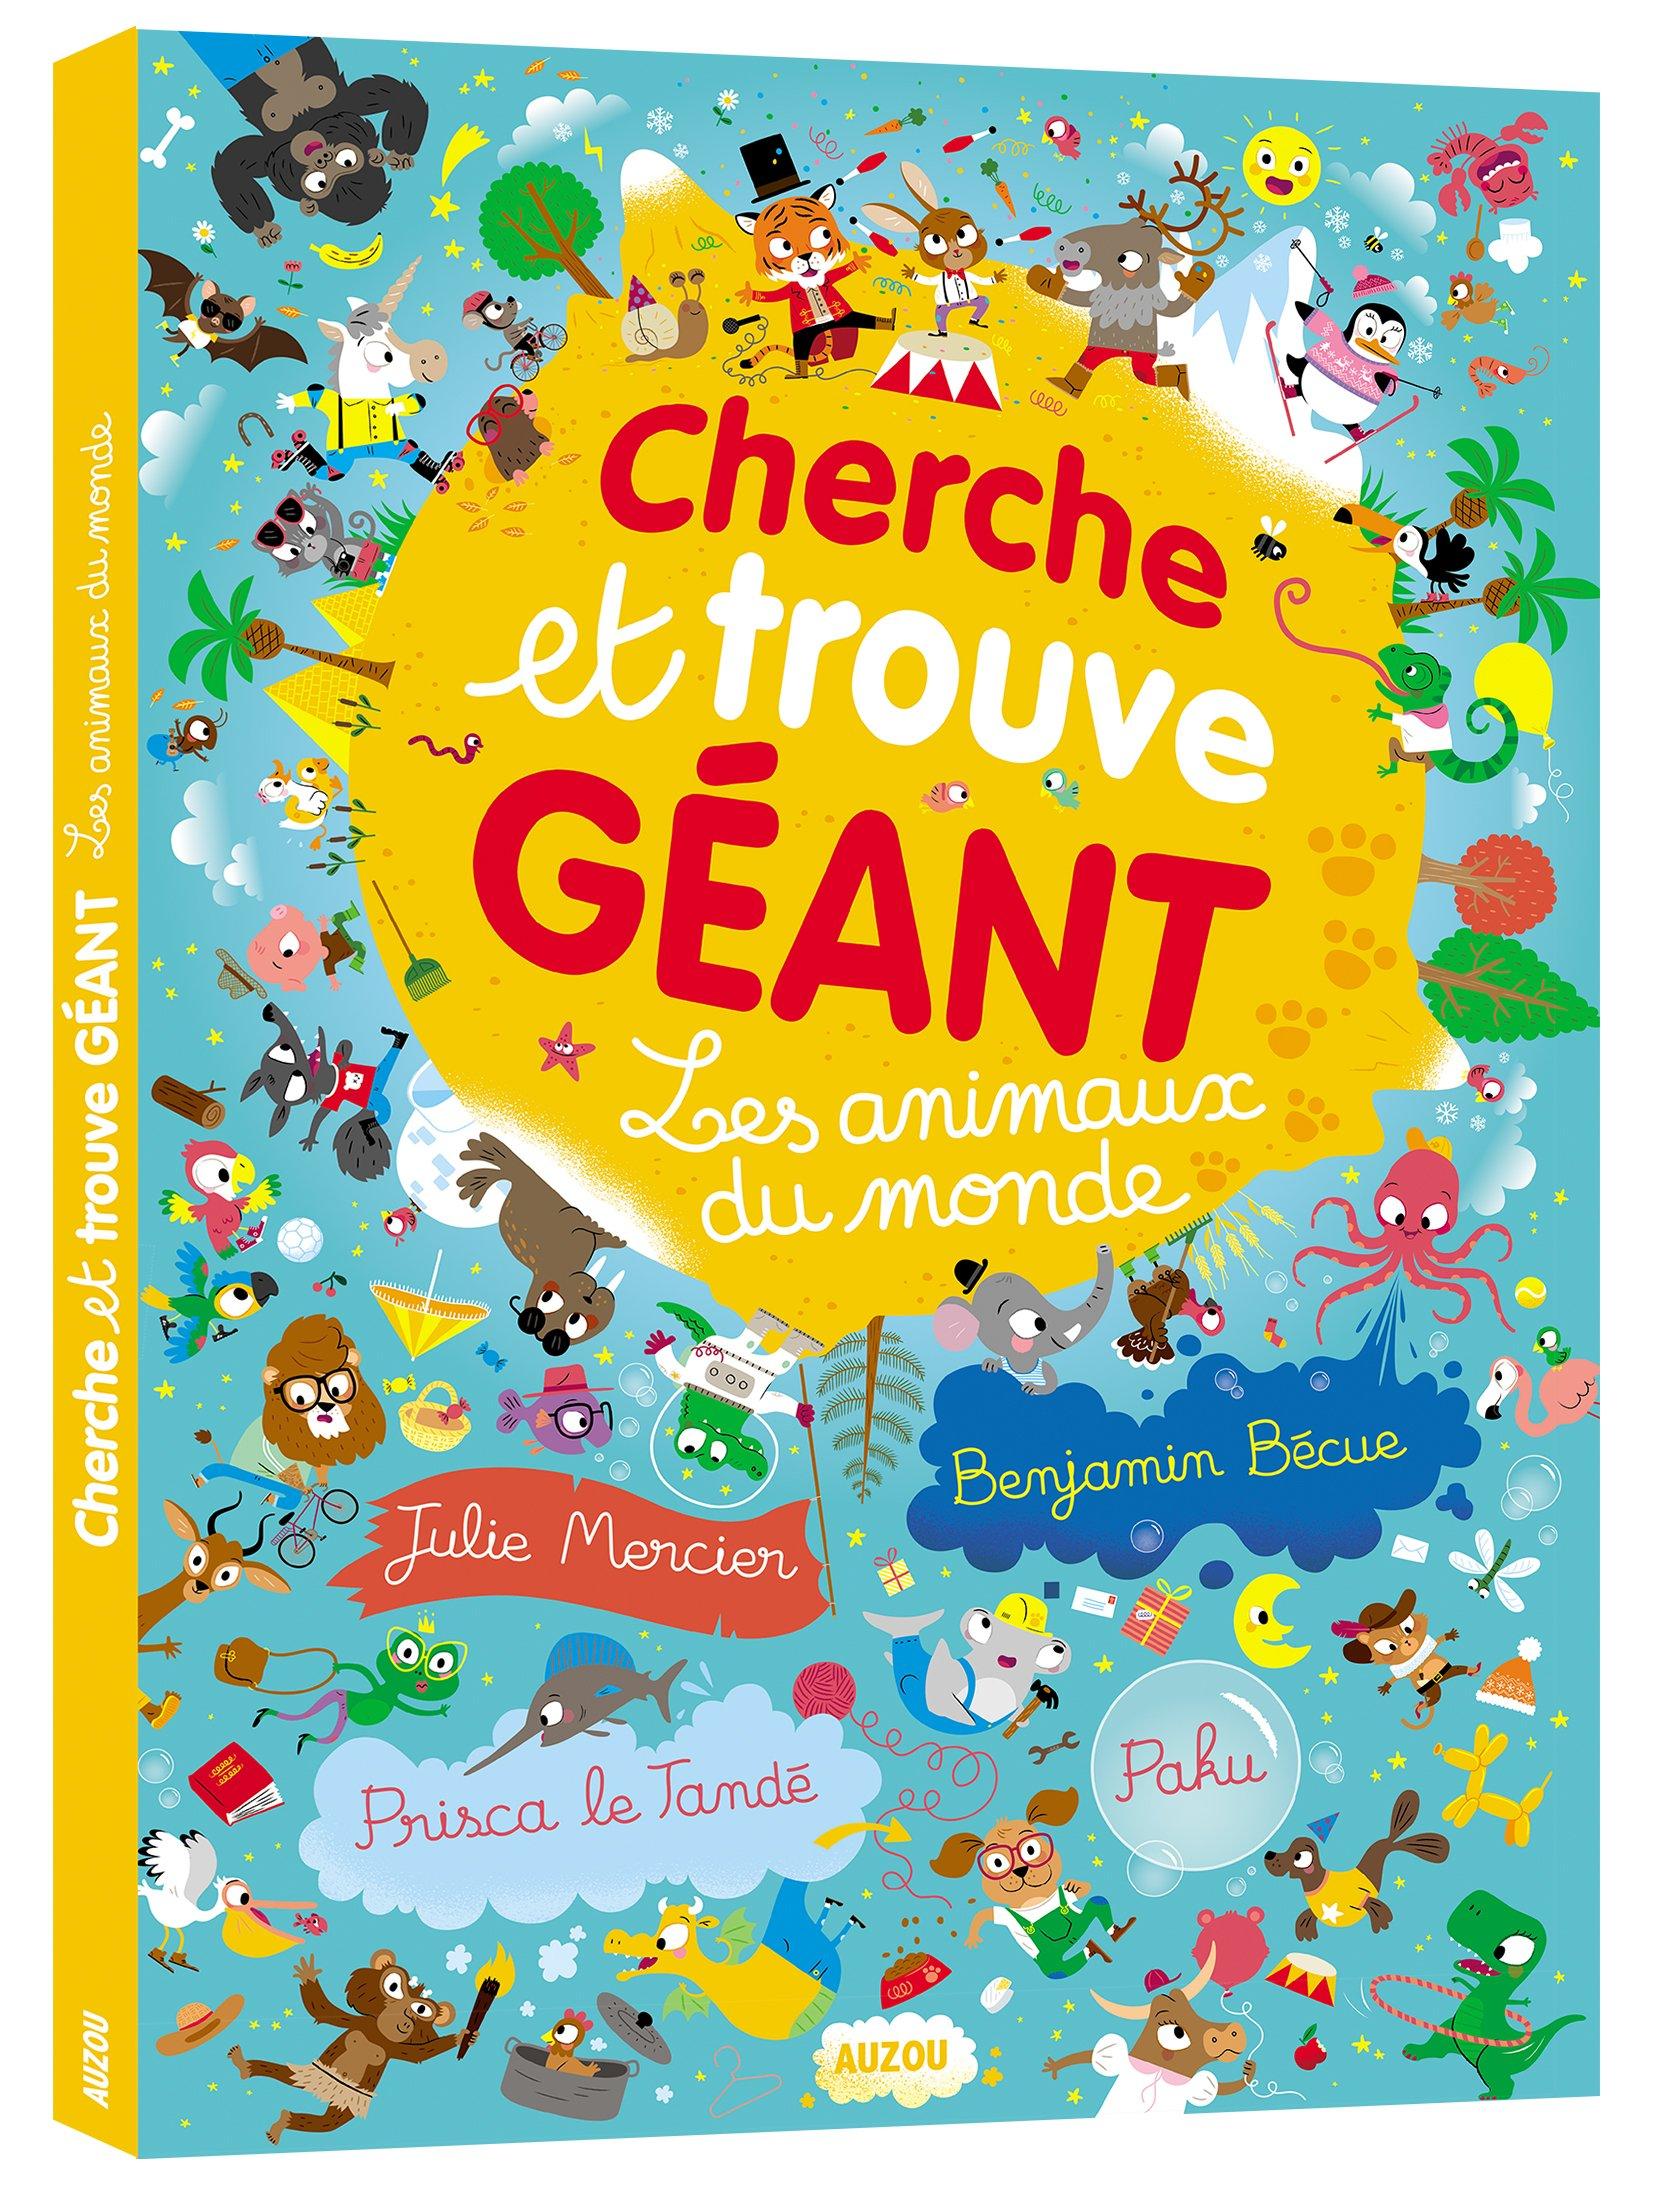 Cherche et trouve geant - Les animaux du monde Album – 12 octobre 2017 Benjamin Bécue Prisca le Tandé Julie Mercier Paku